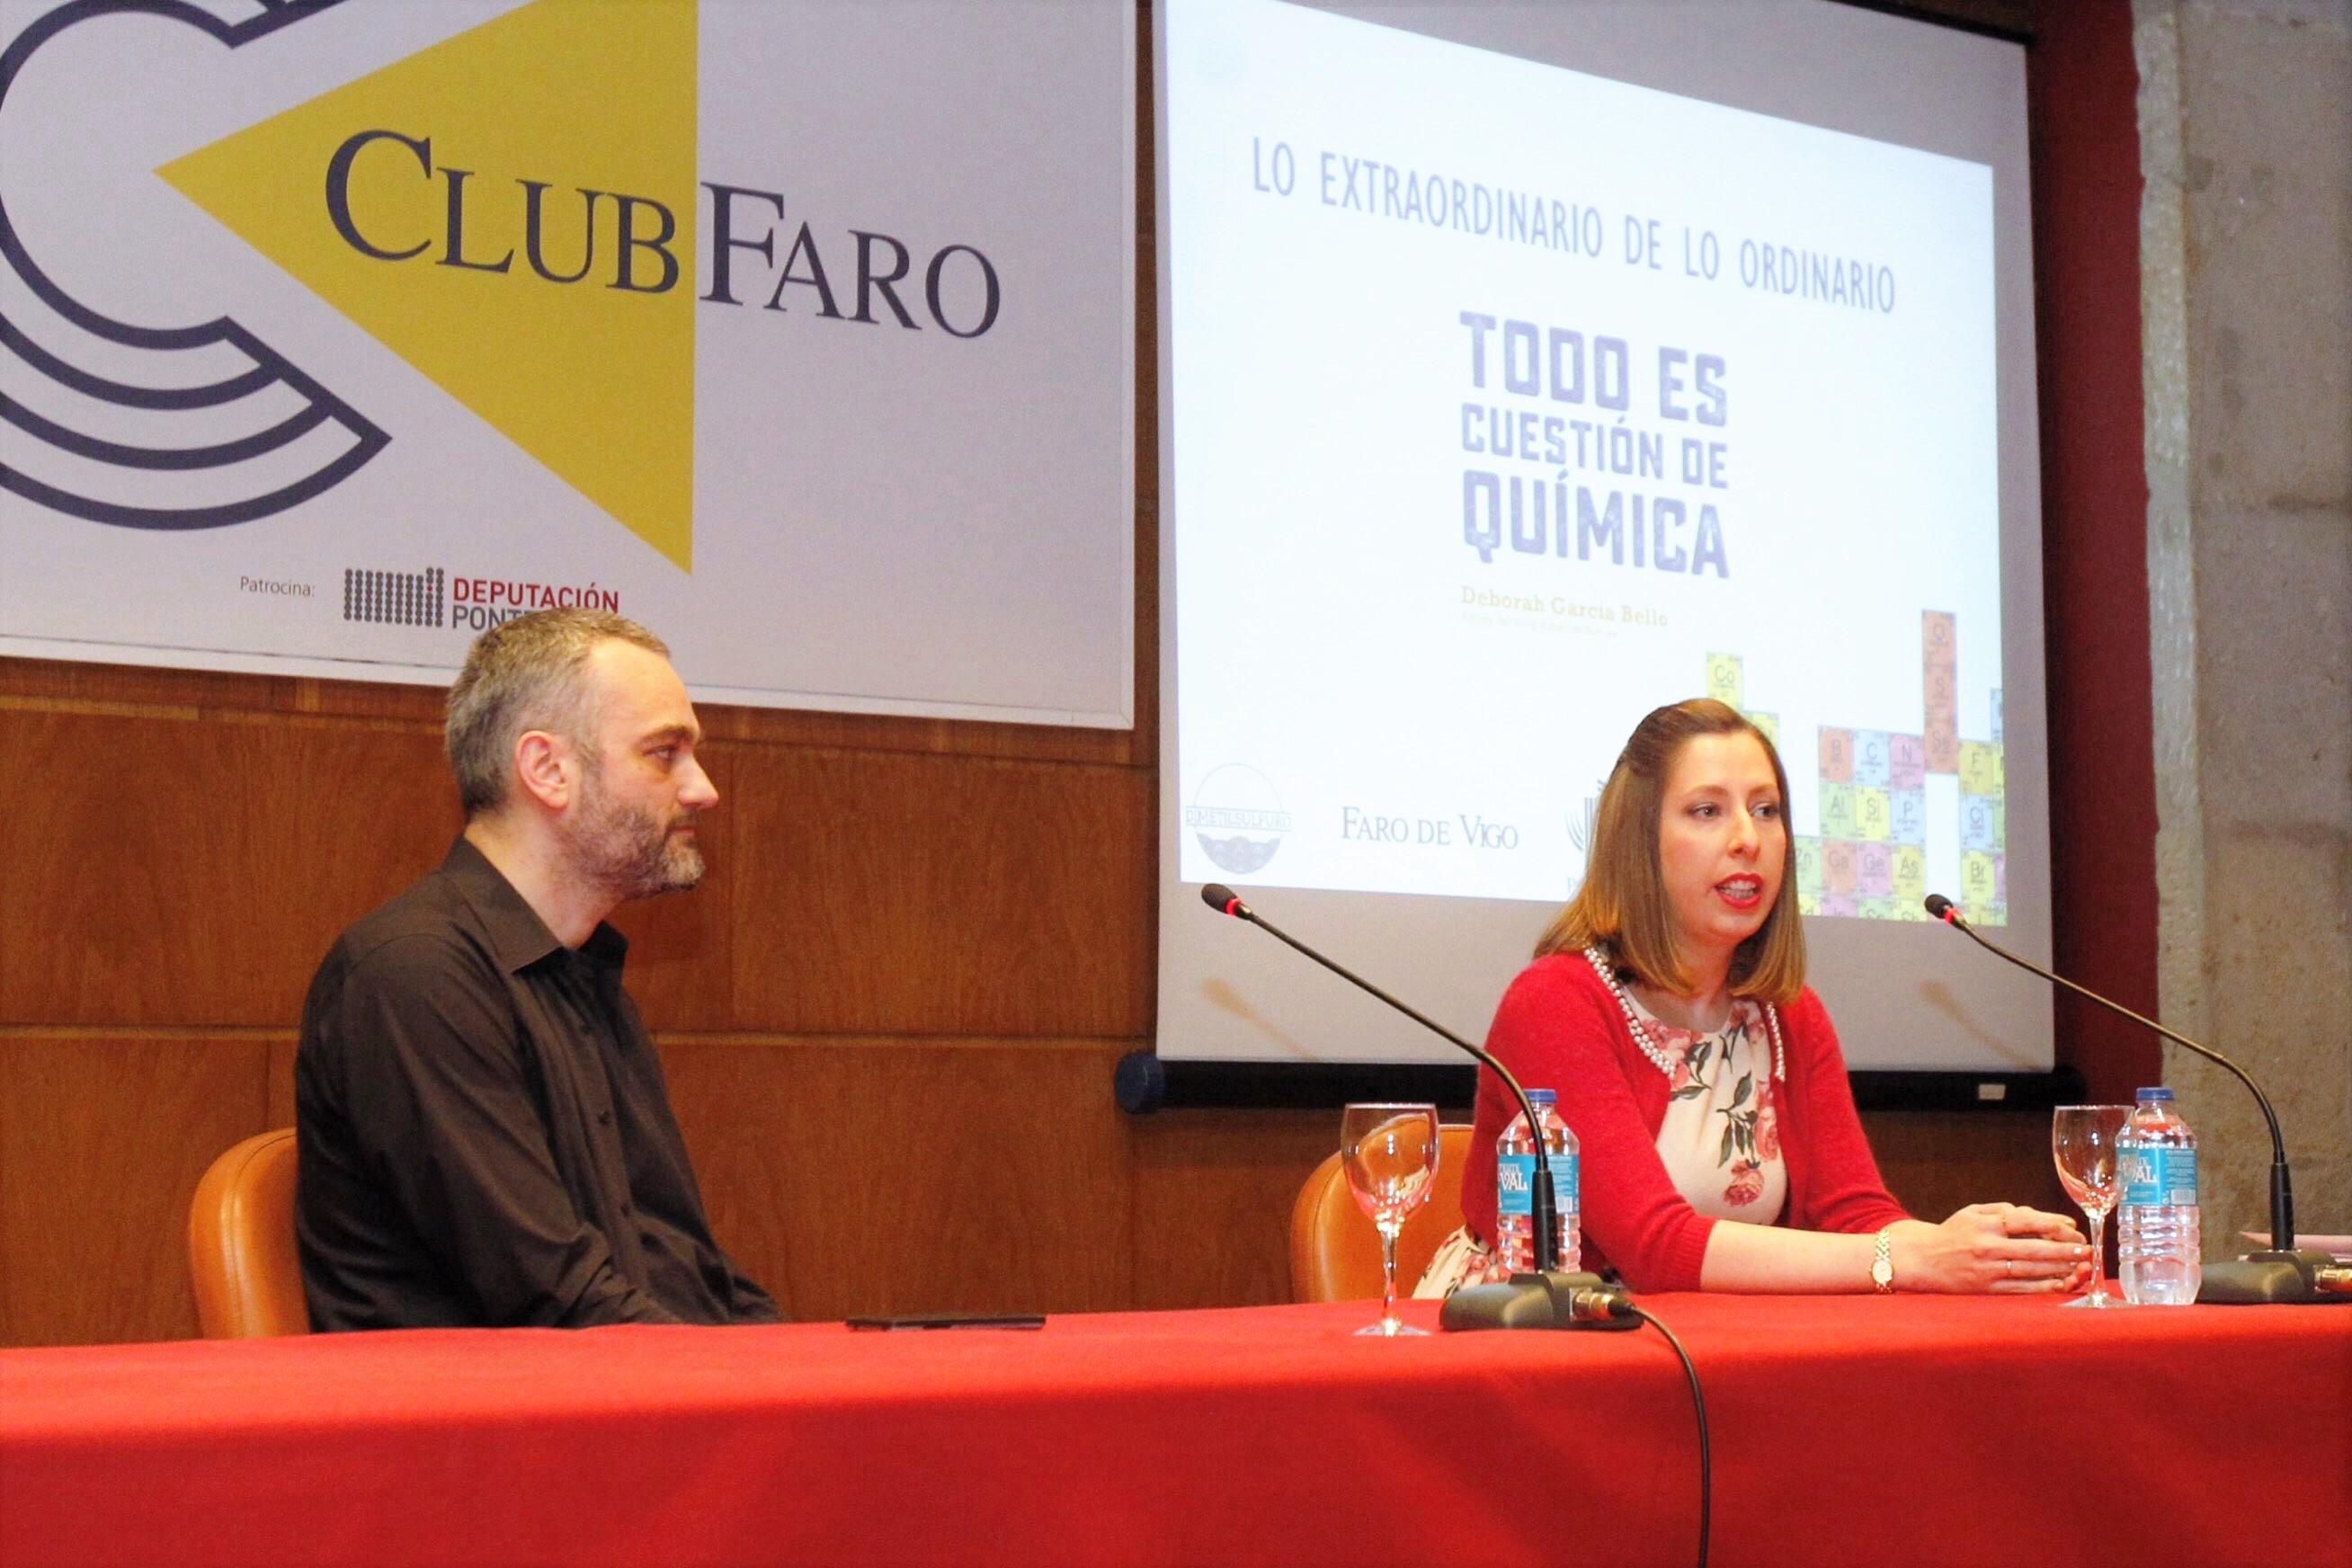 J. LORES. DEBORAH GARCIA BELLO EN EL CLUB FARO